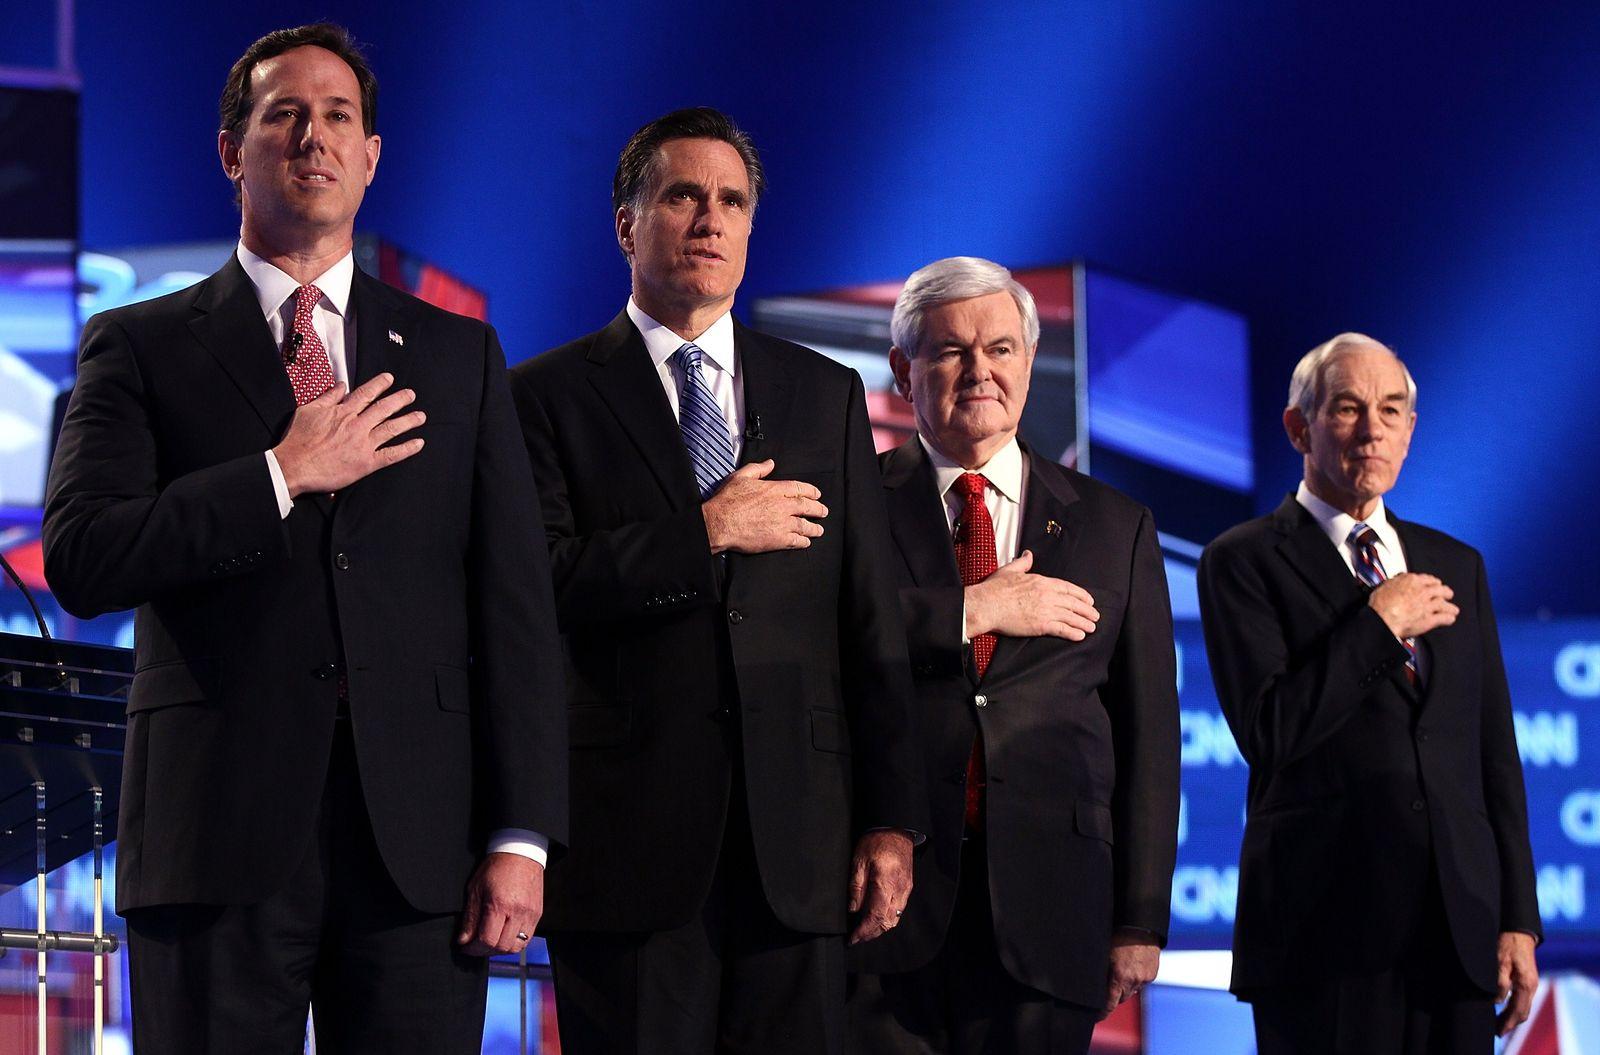 Presidentschaftskandidaten / Republikaner